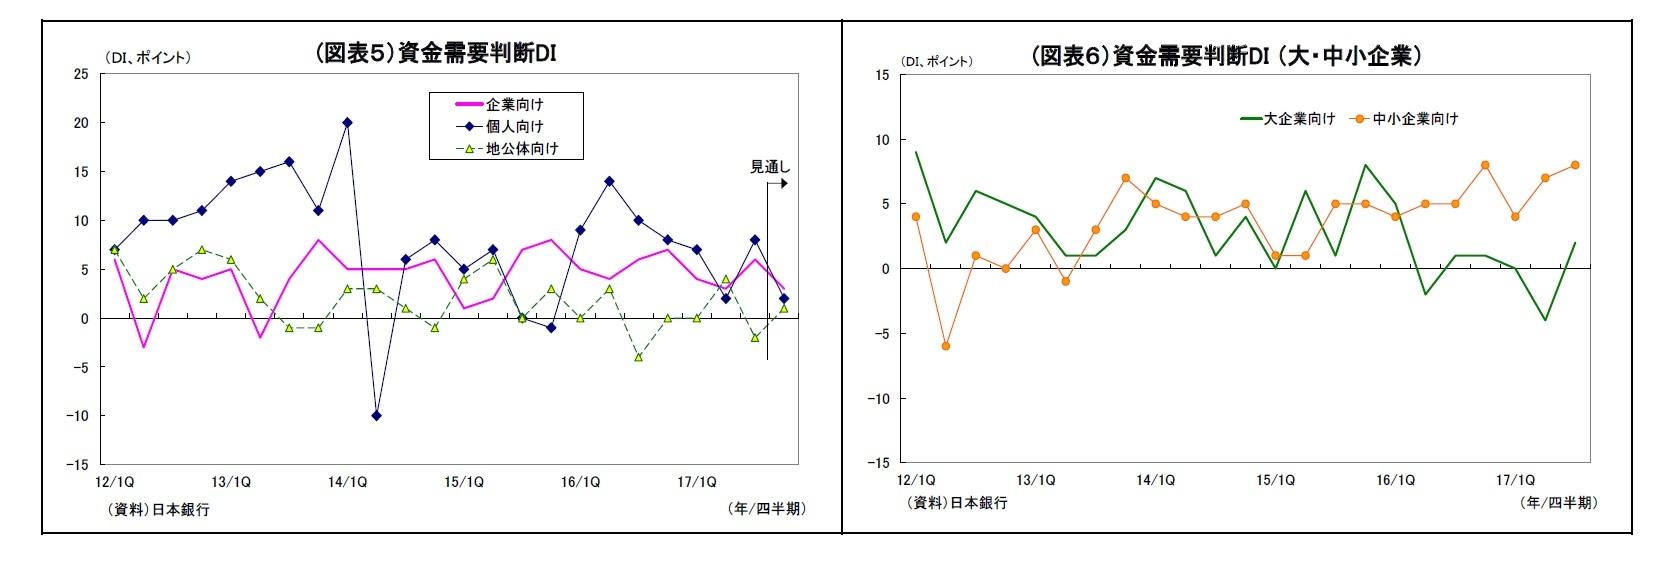 (図表5)資金需要判断DI/(図表6)資金需要判断DI (大・中小企業)